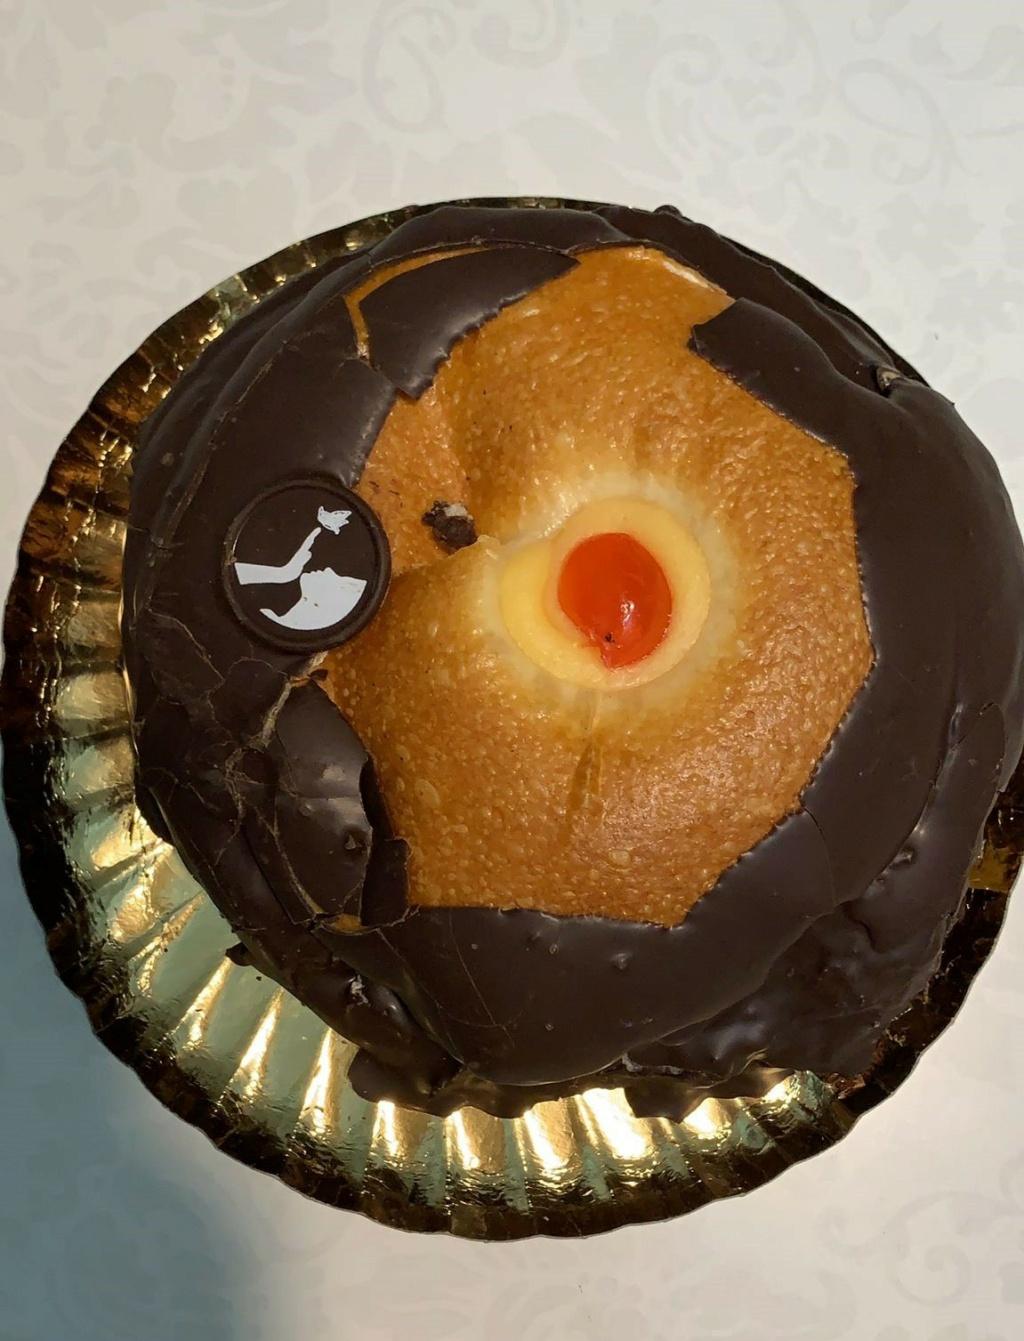 El topic del dulce y el azúcar. Laminerías e indulgencia para el páncreas. Reliqu10